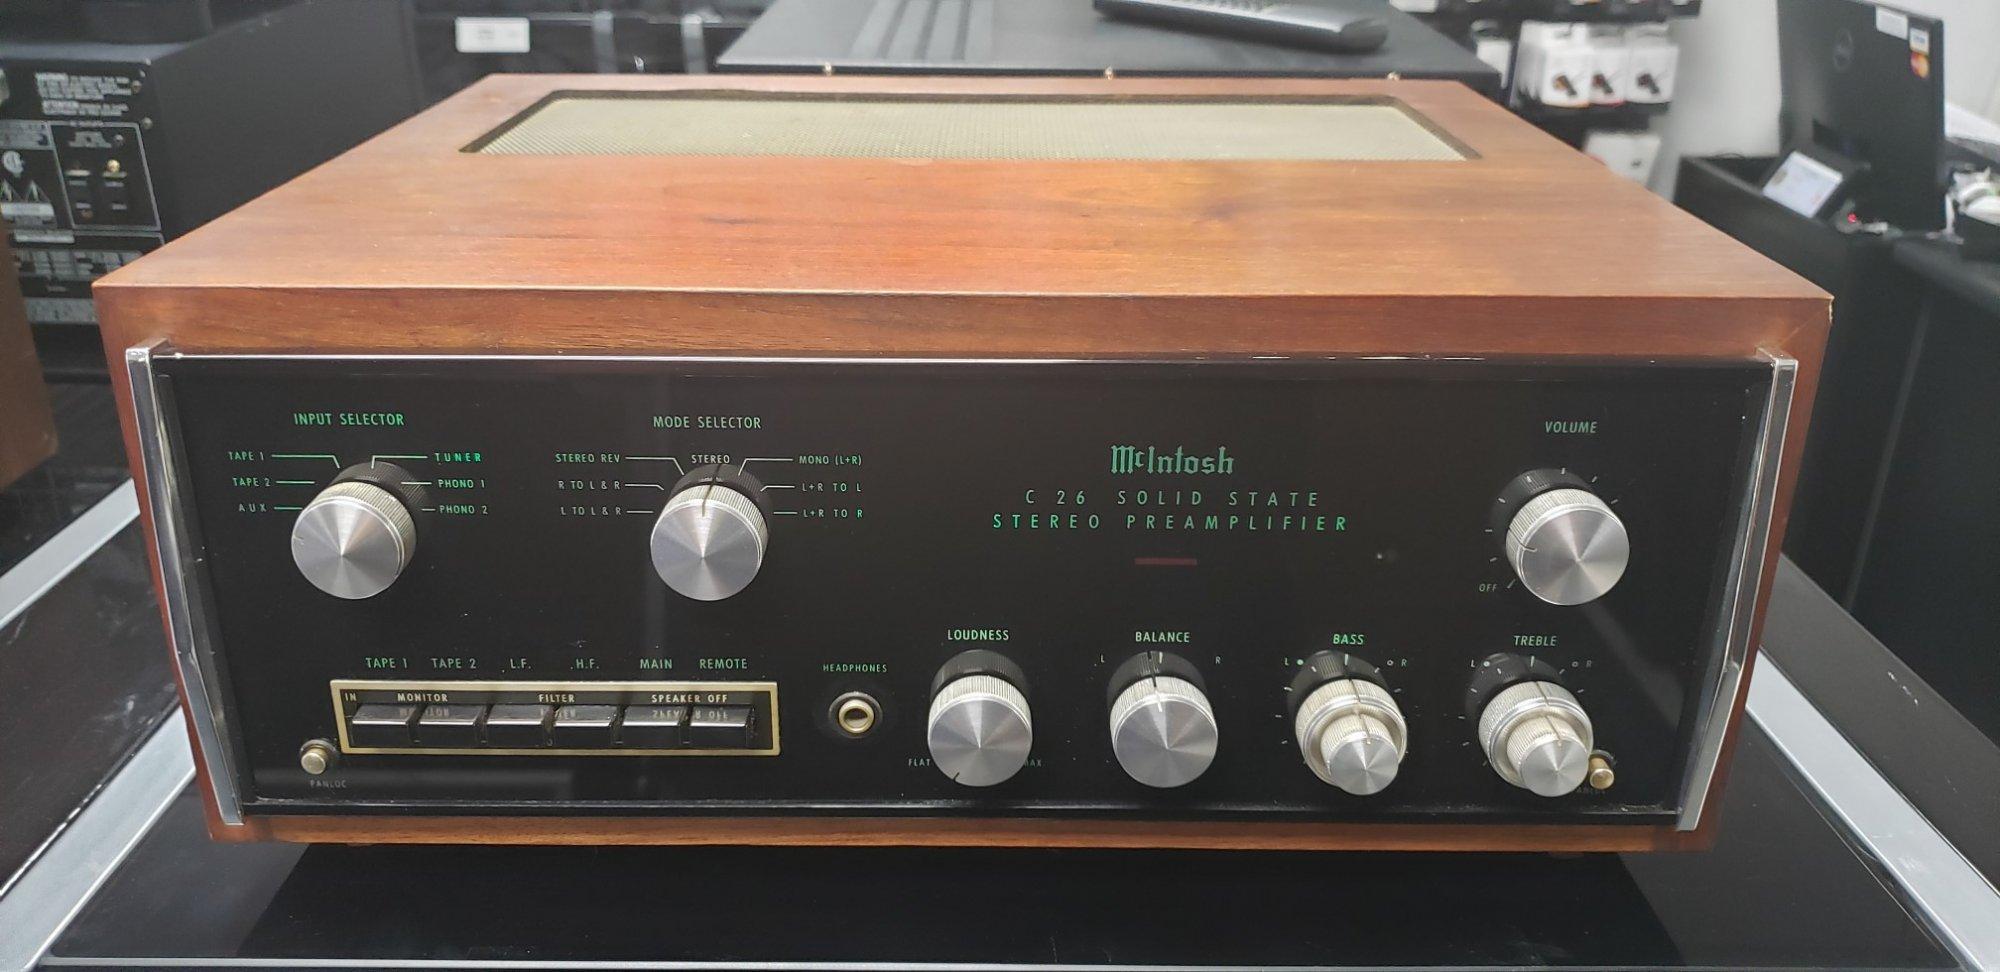 McIntosh C26 Pre Amplifier